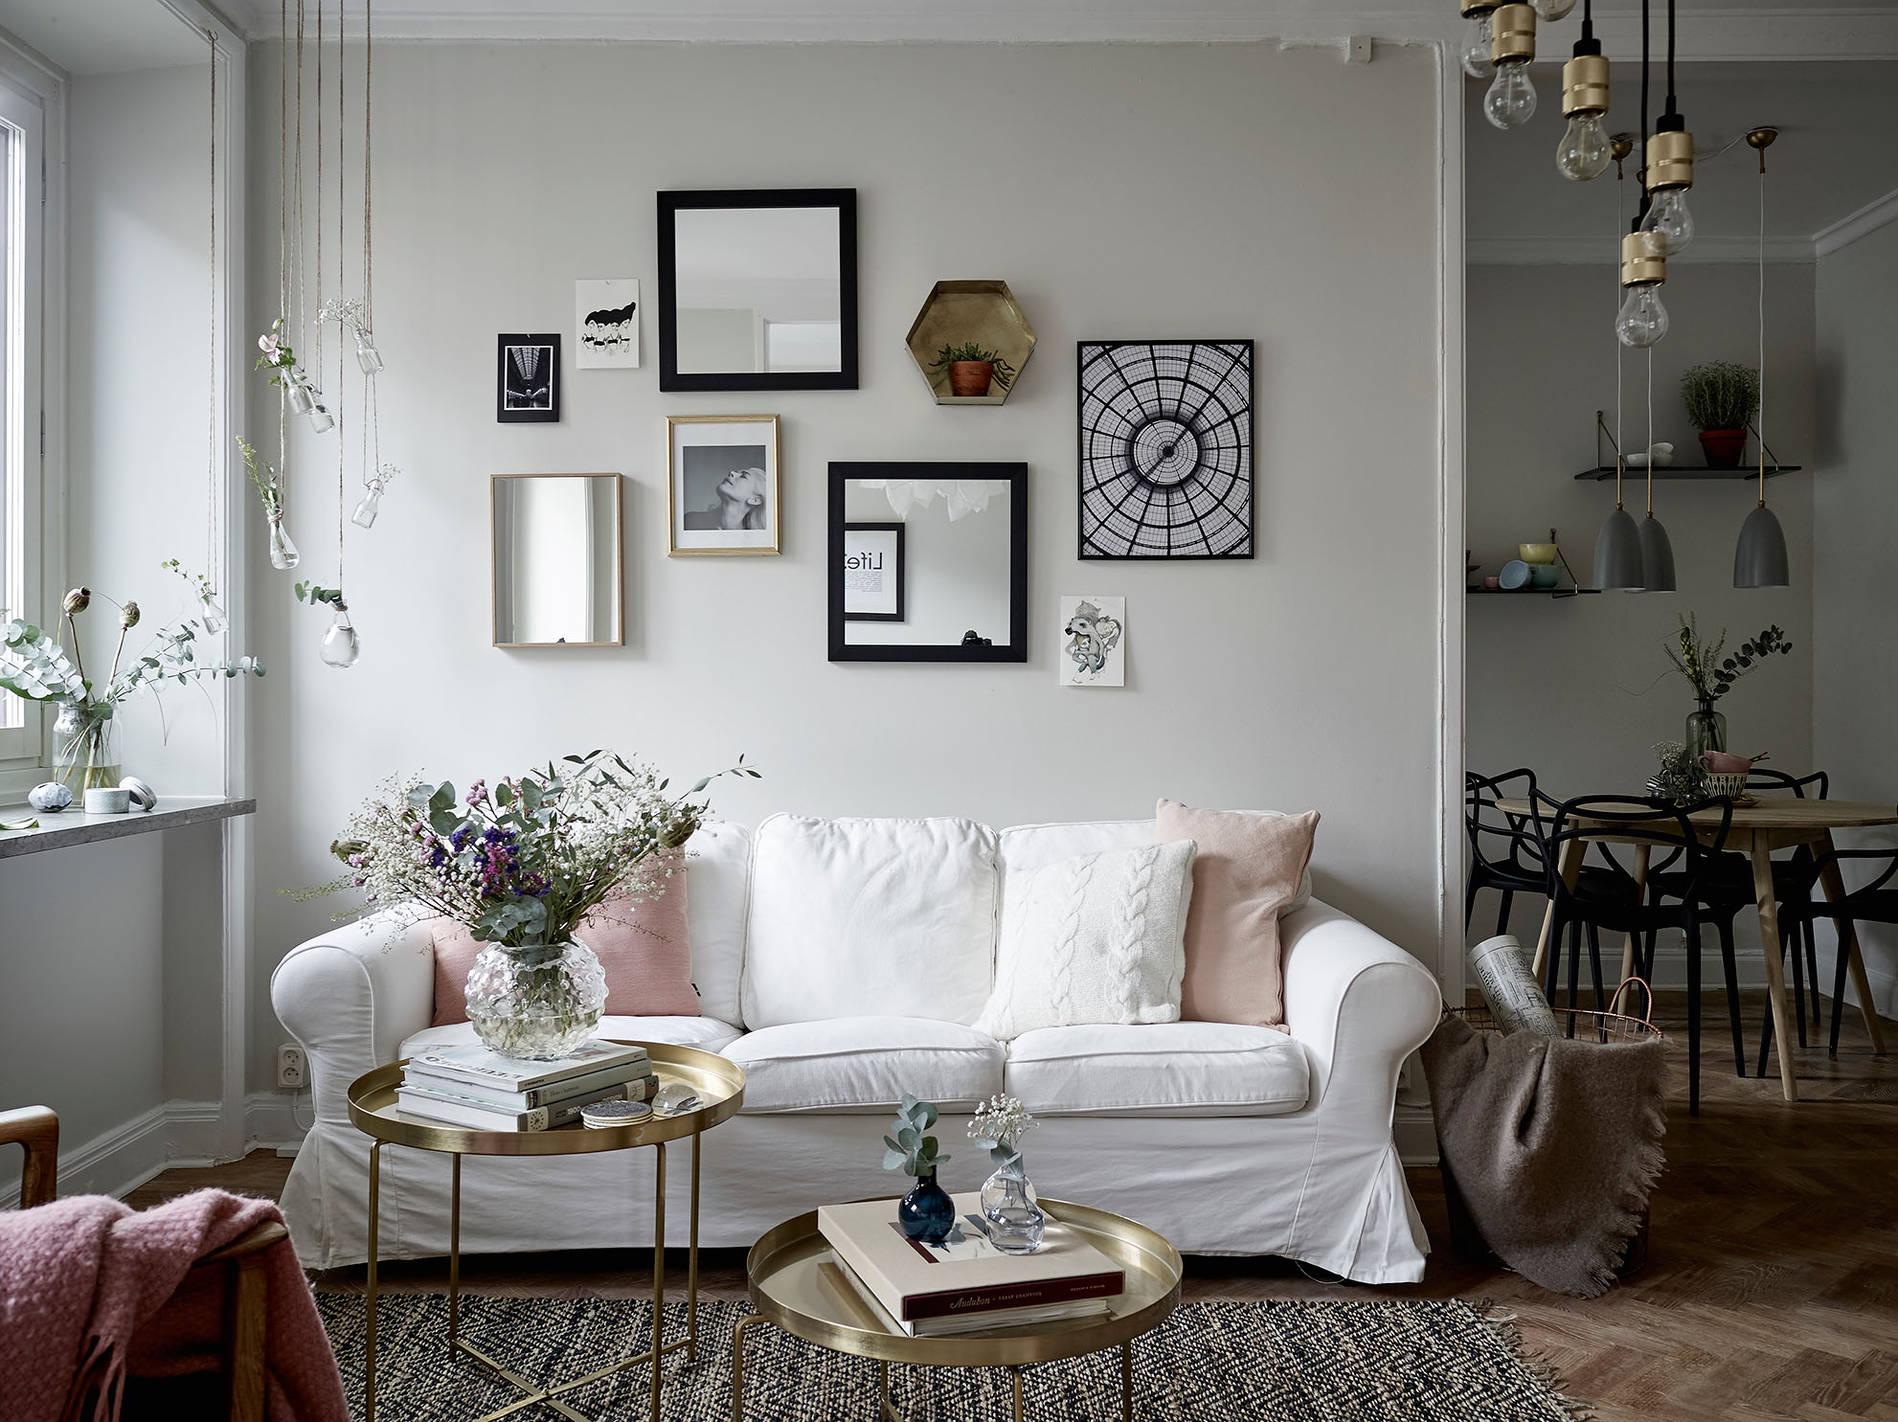 Appartement Södra Vägen 73_2 en vente sur Stadshem